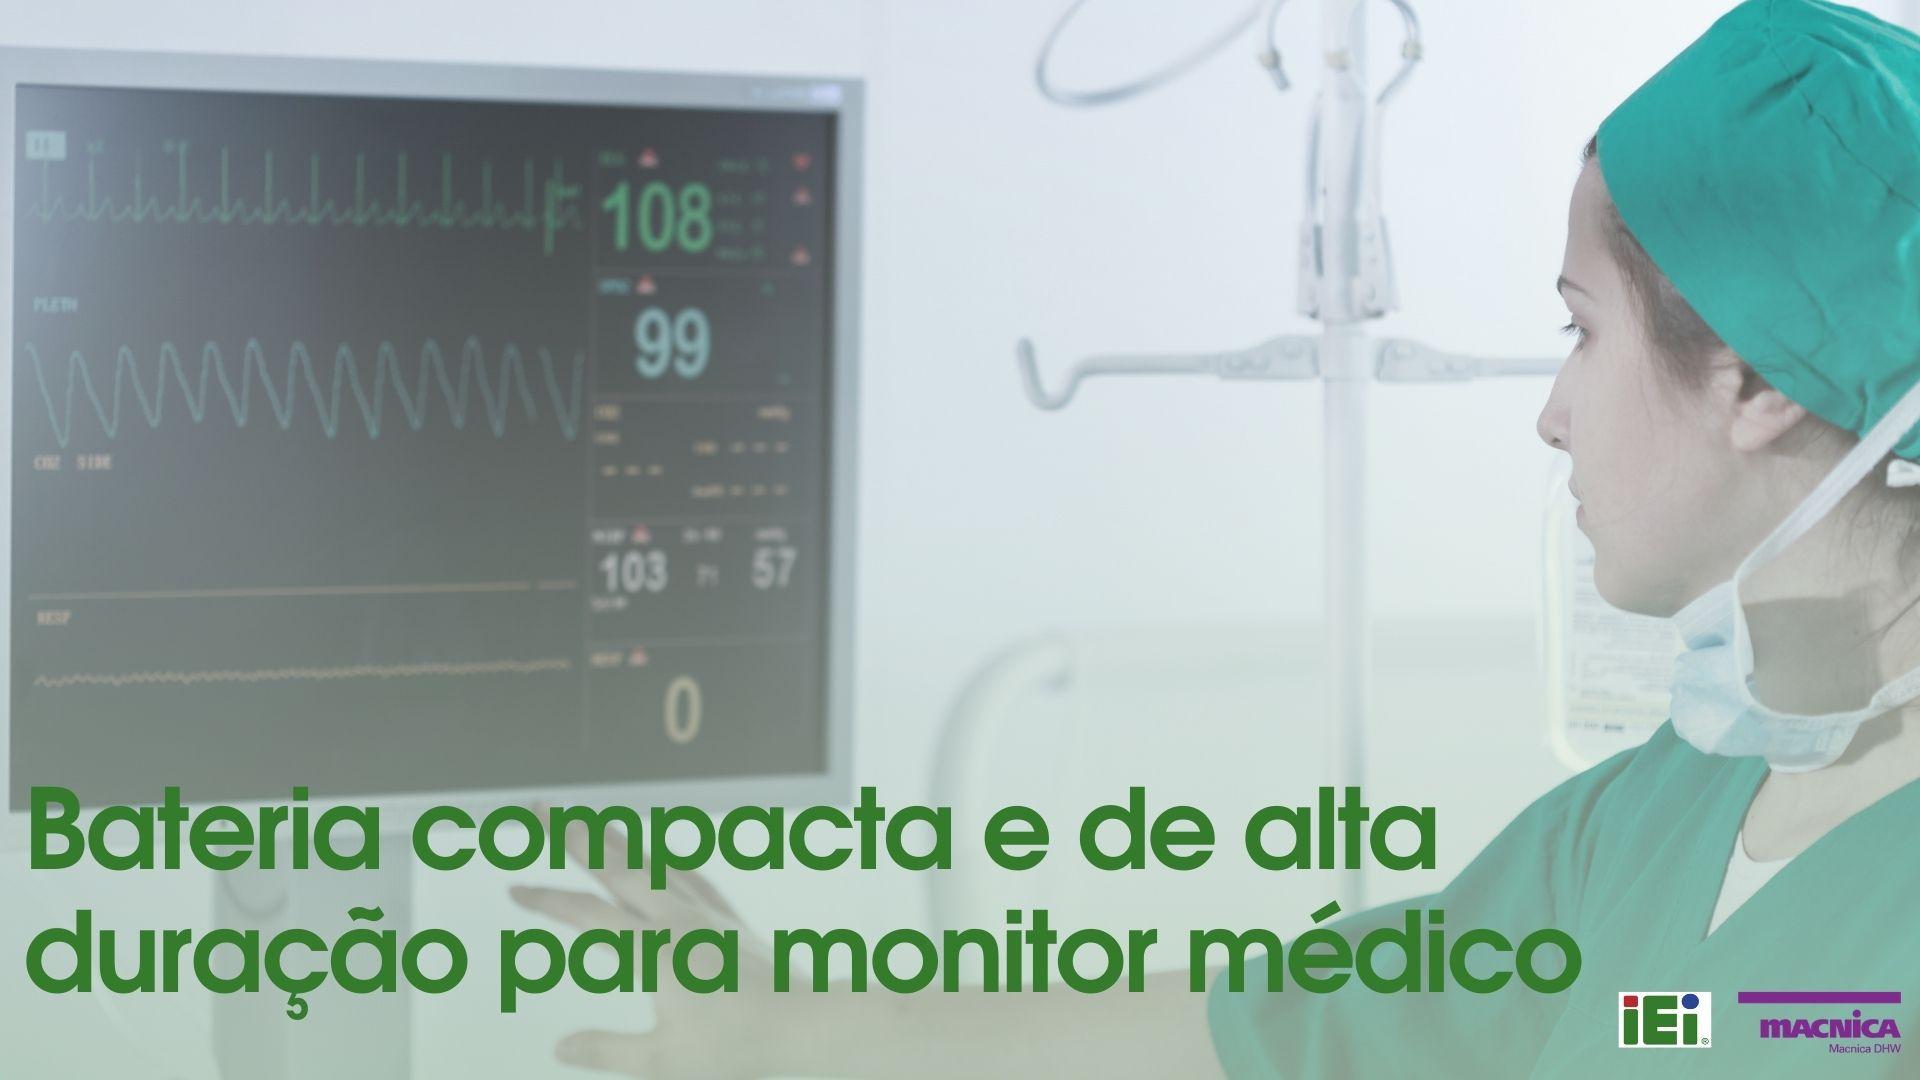 You are currently viewing Monitor médico com bateria de alta duração